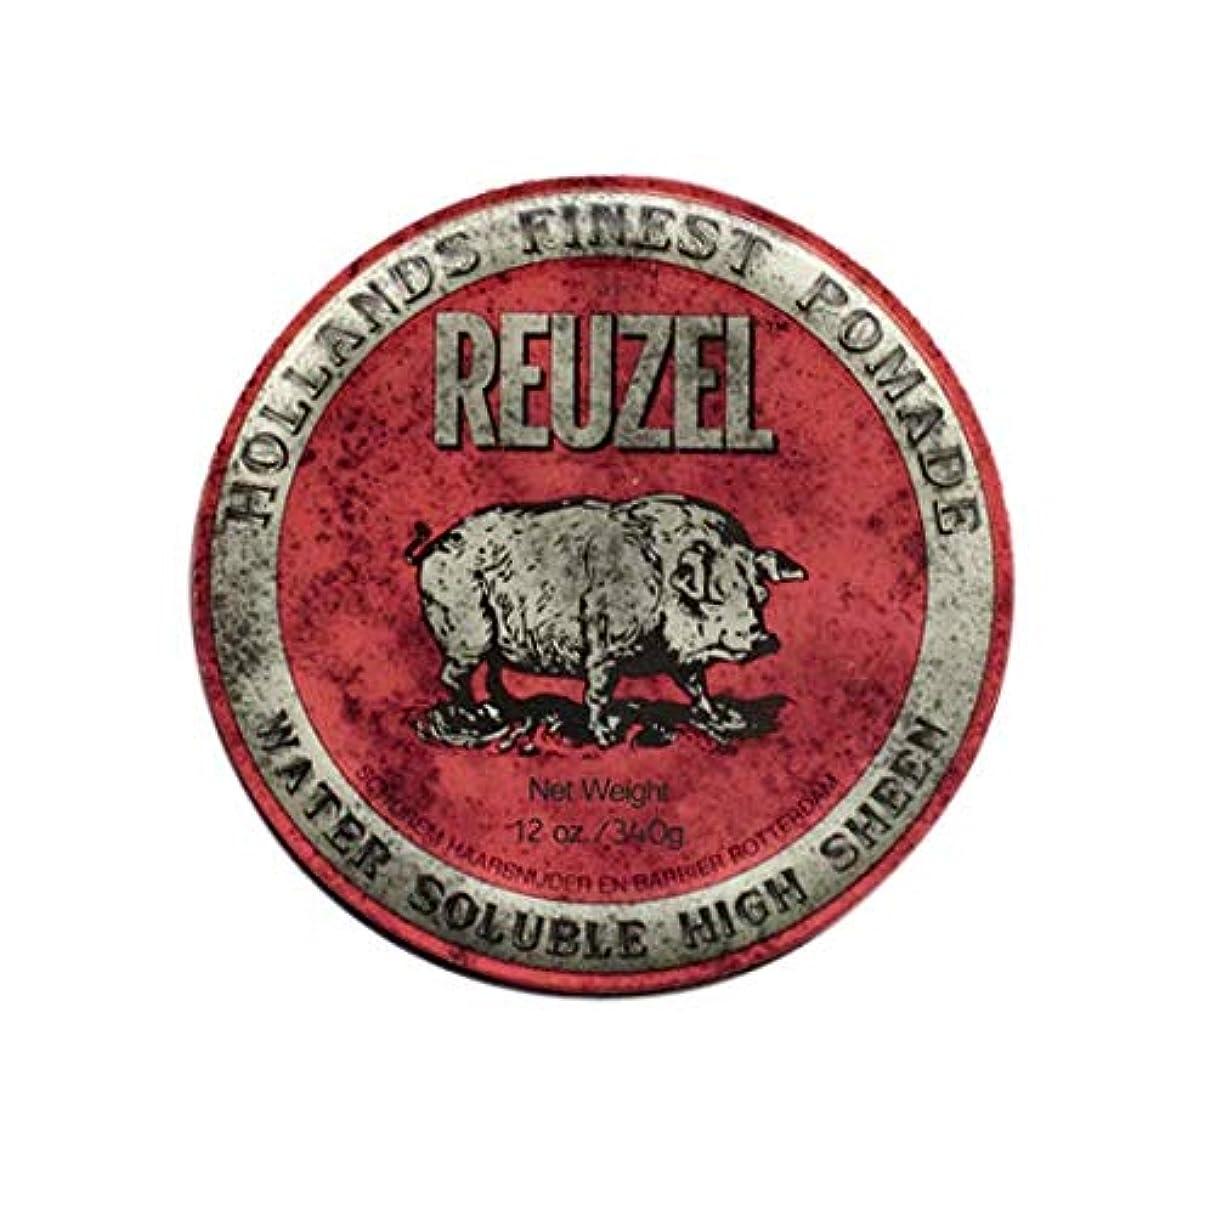 取得するピンク偽装するルーゾー(REUZEL) ミディアムホールド レッド HIGH SHINE 340g